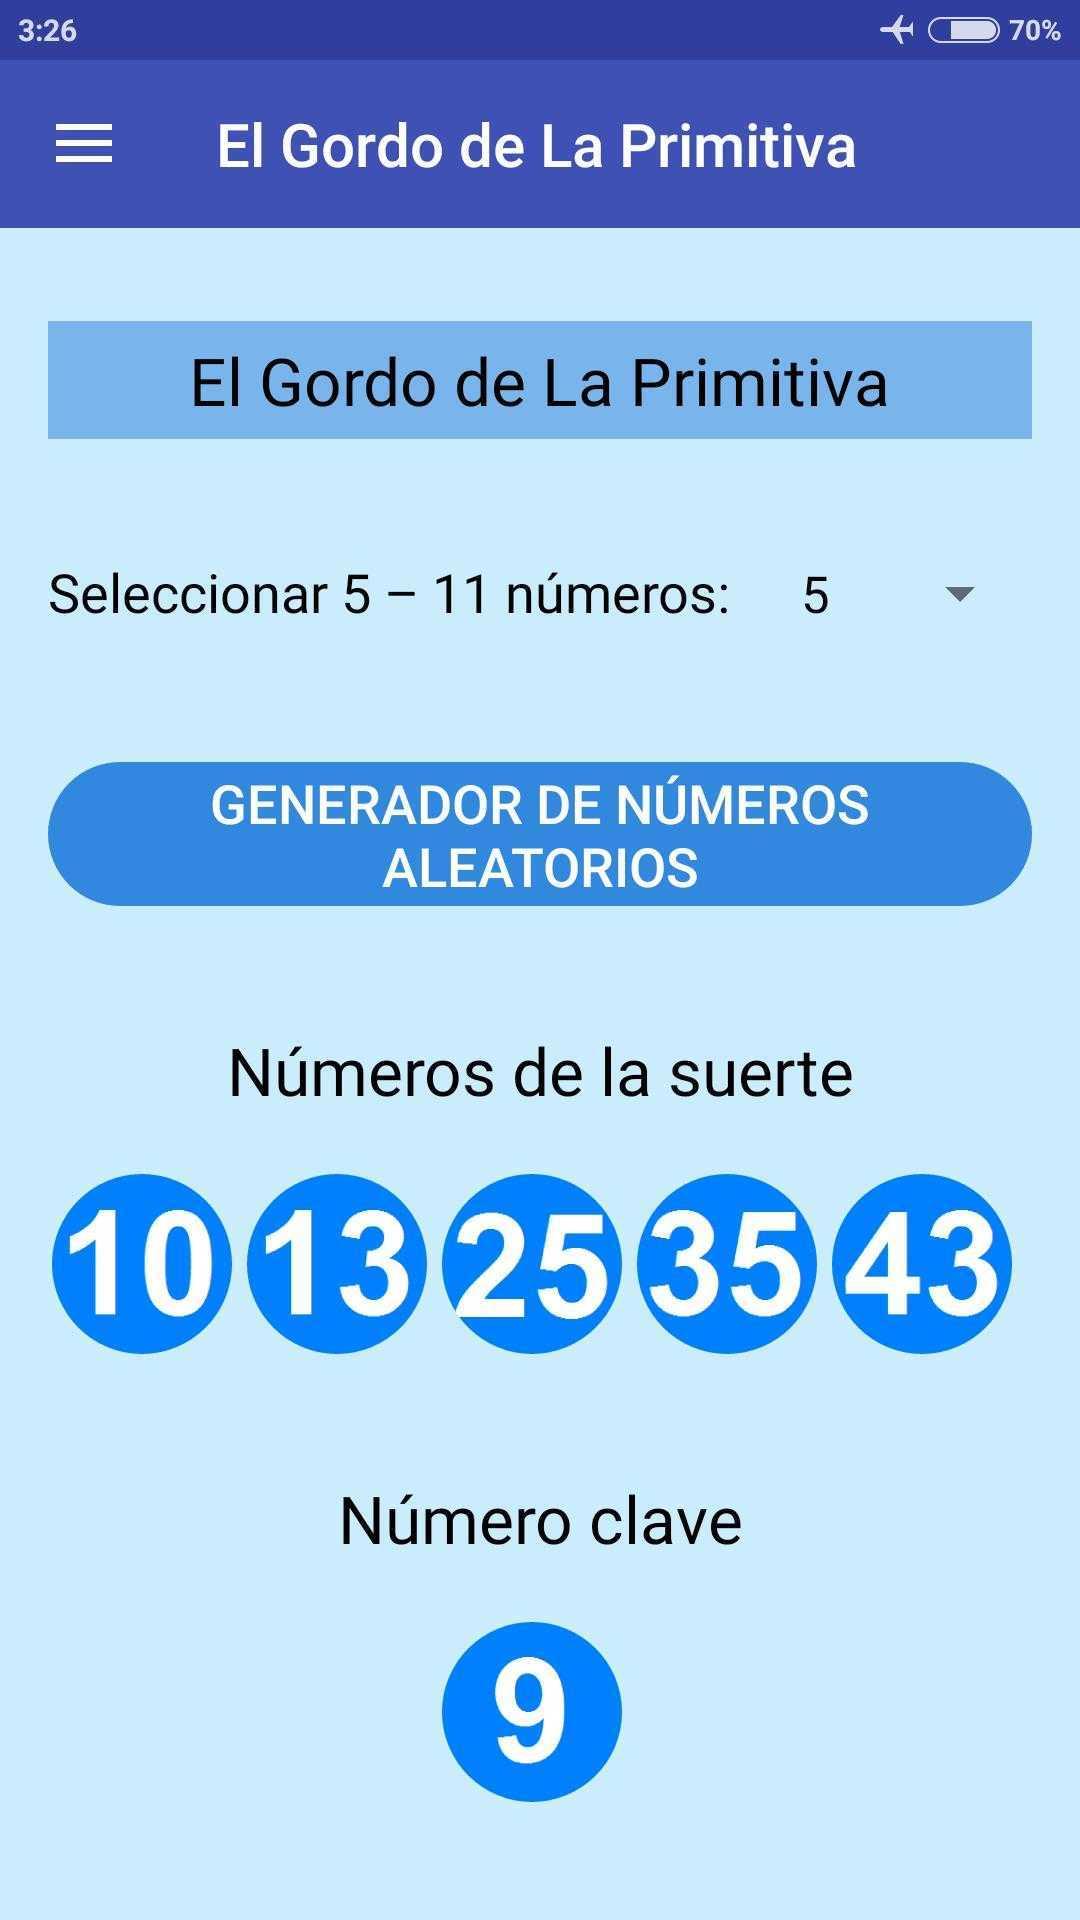 Spanische Lotterie la primitiva - Kauf eines Tickets aus Russland